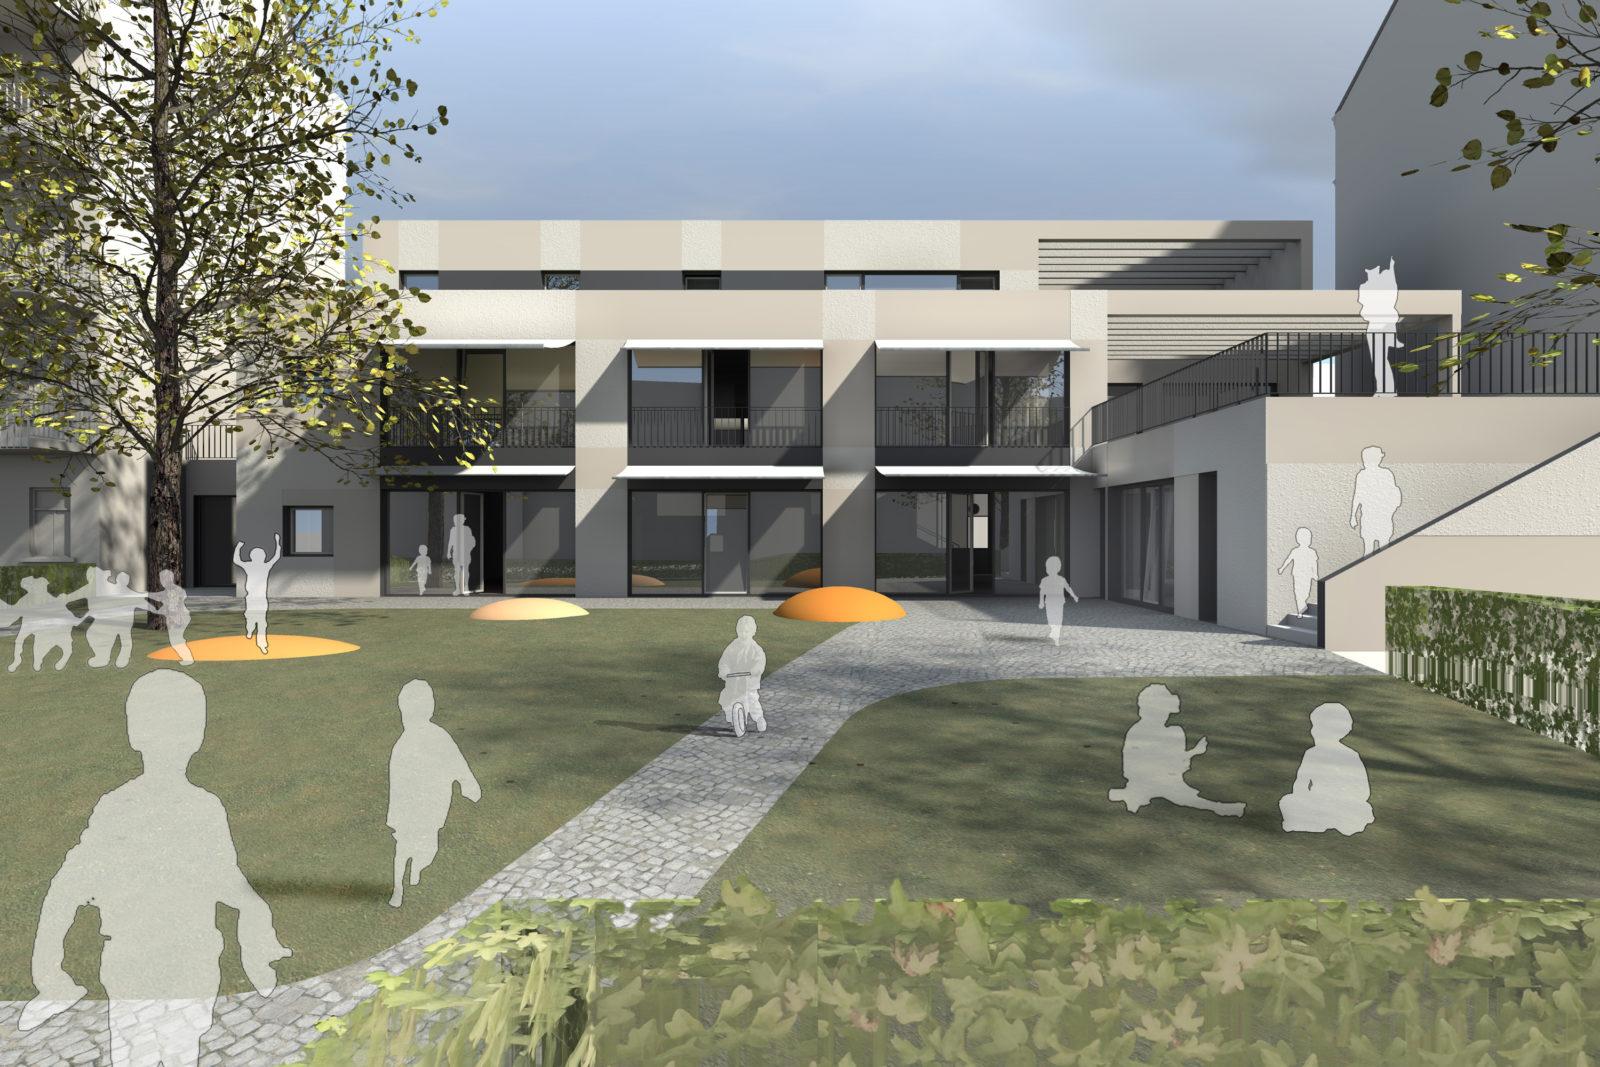 Neubau Kita Blumenstraße in Leipzig, Gohlis - Blick auf die Freispielfläche